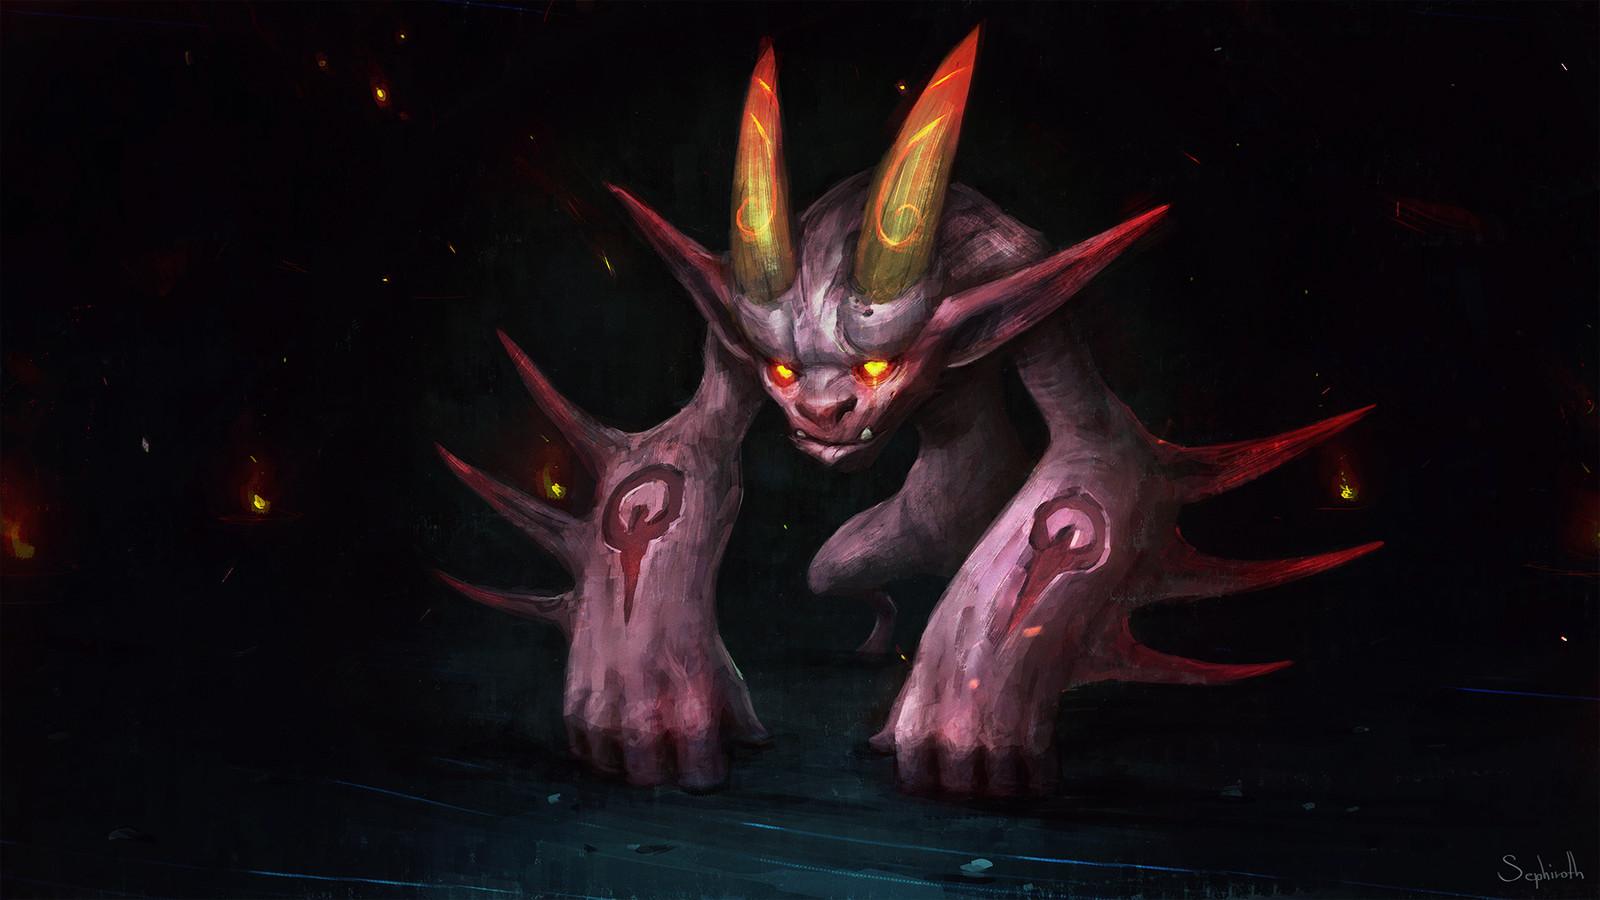 Hell's Demon